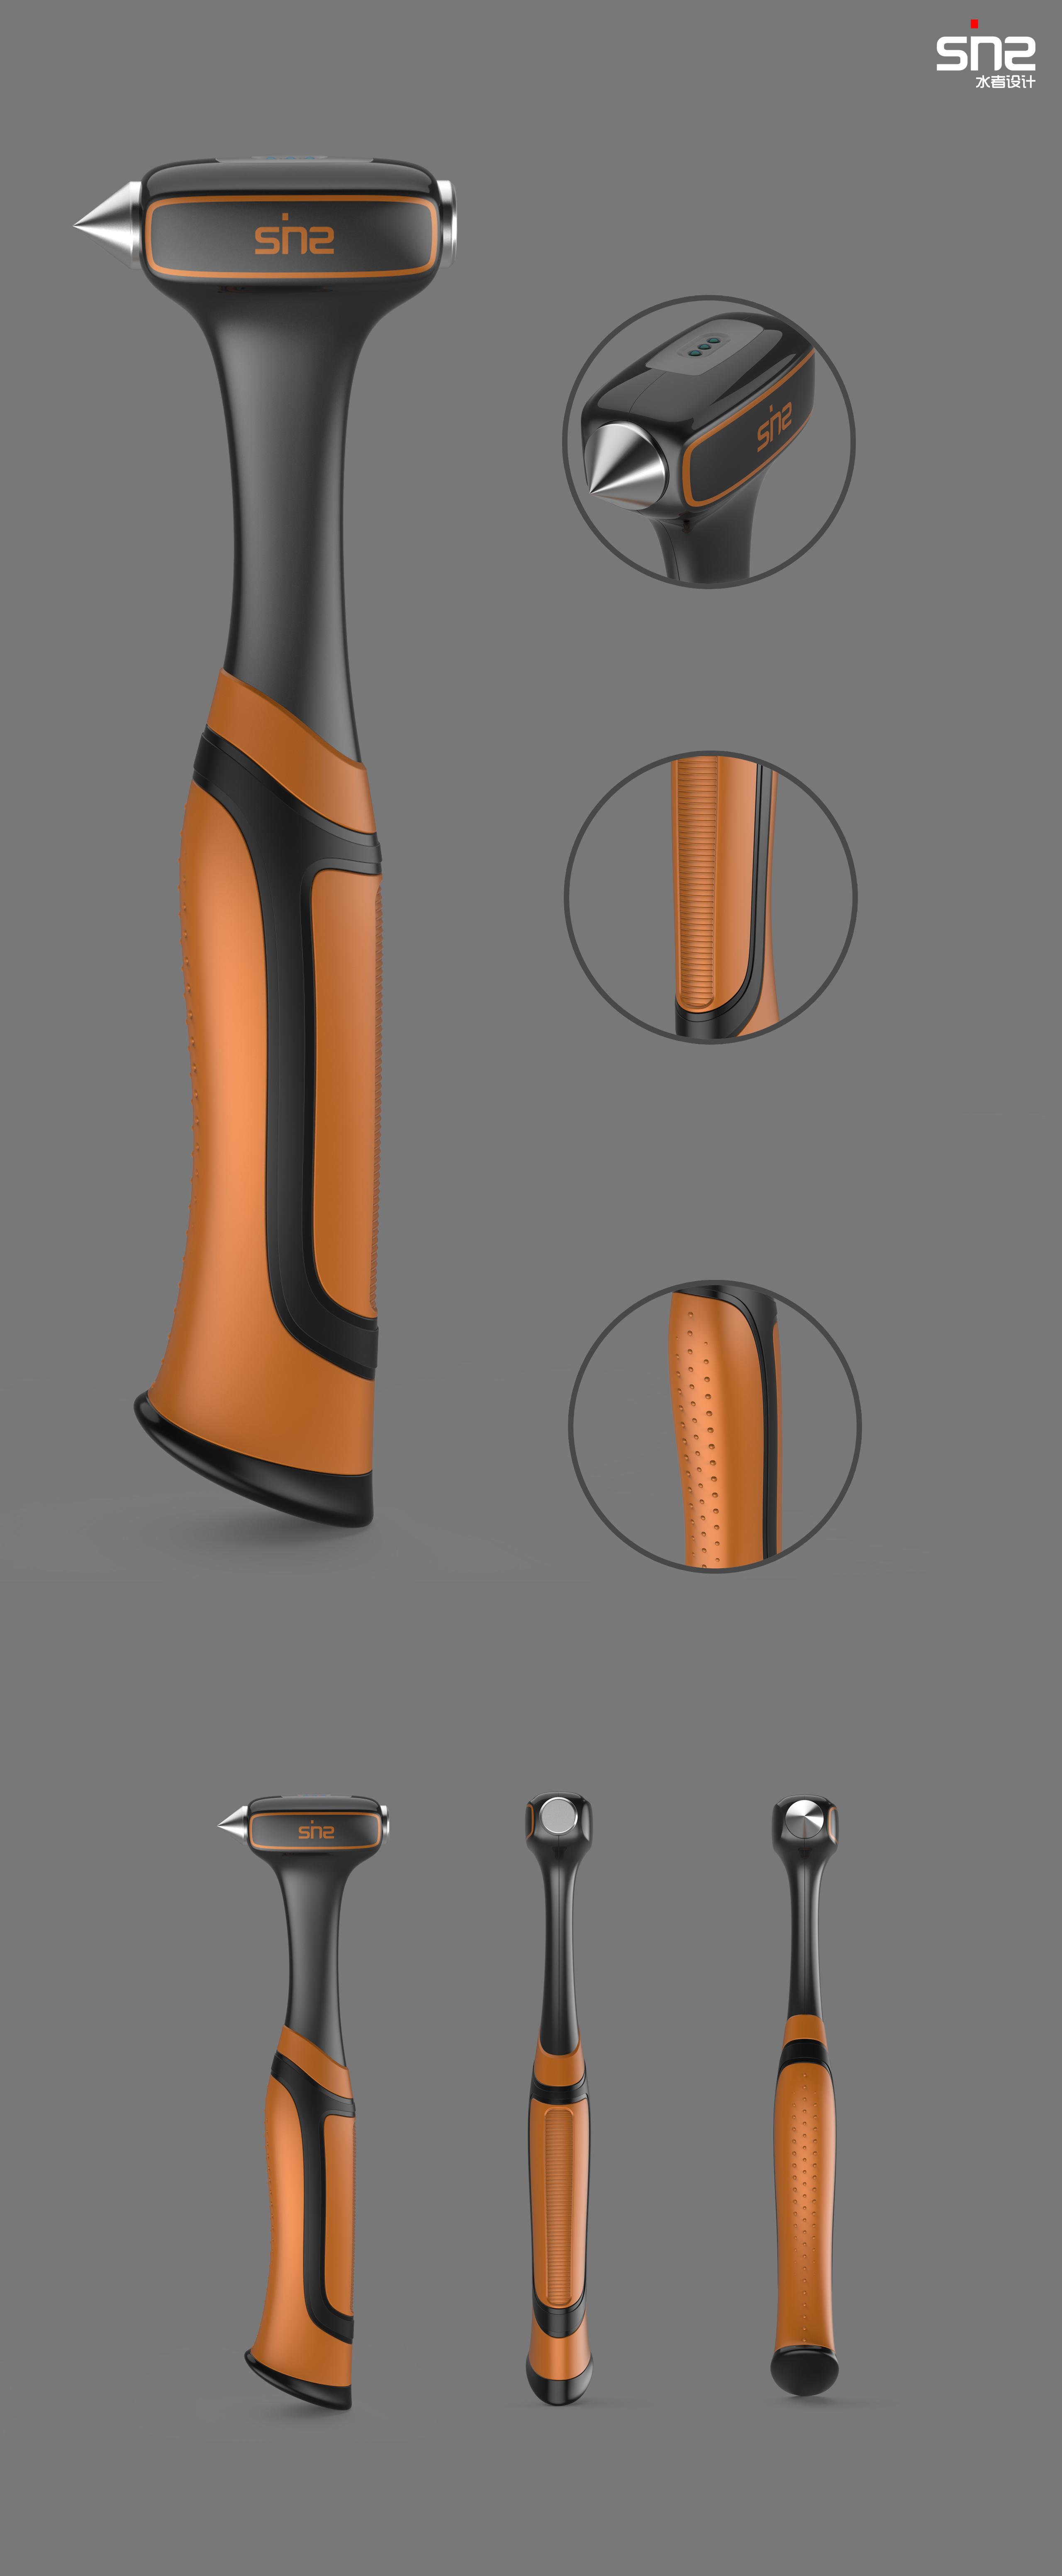 安全锤工业设计1.jpg